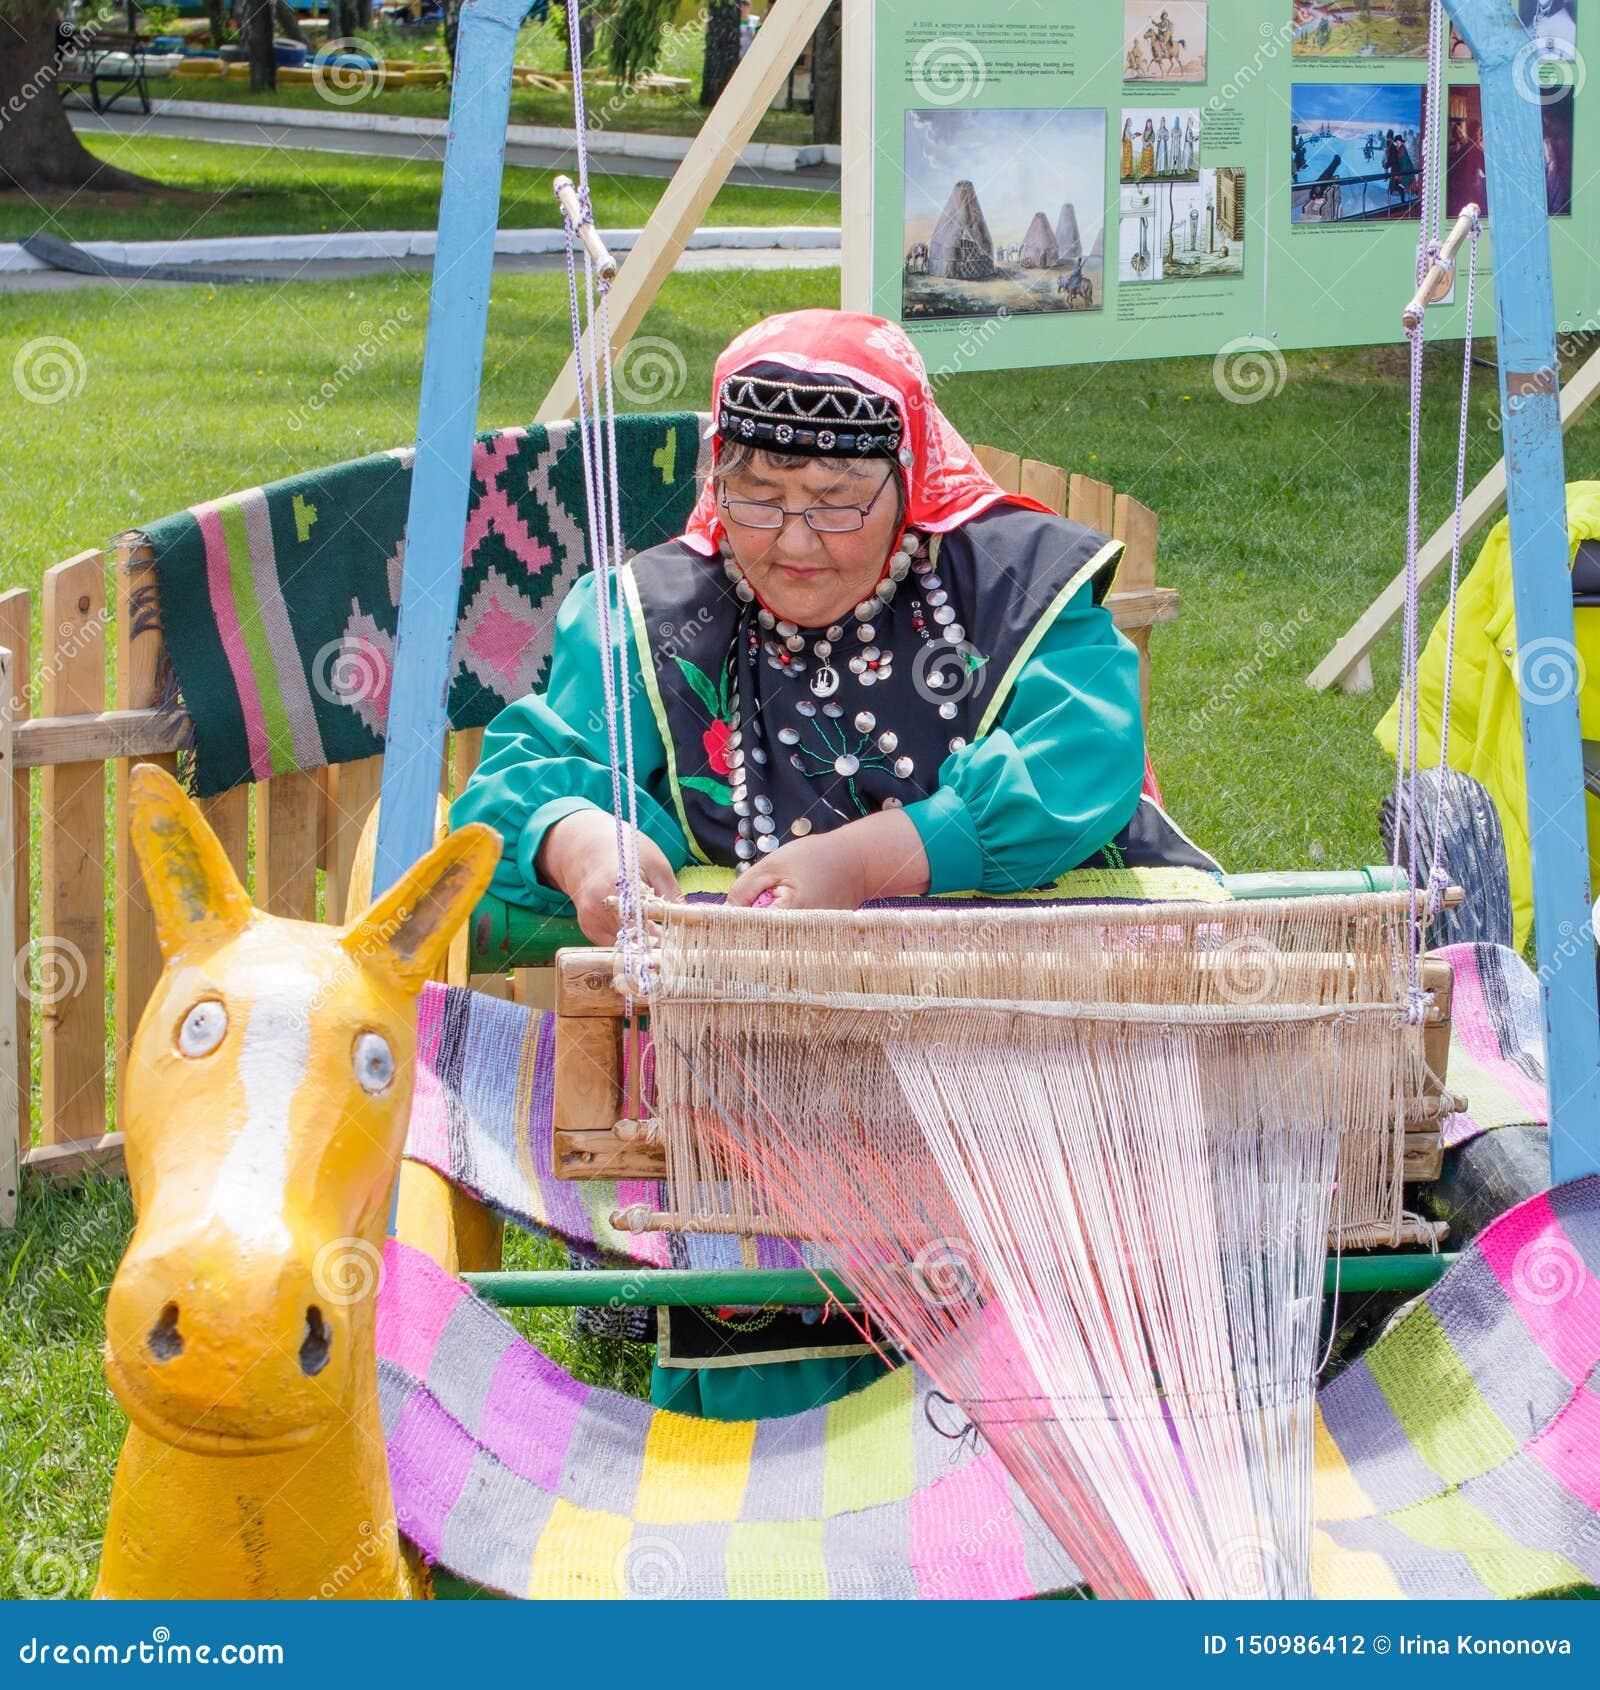 Μια ηλικιωμένη γυναίκα στα από το $λ* ψασχκηρ ενδύματα είναι καθισμένη σε έναν αργαλειό και υφαίνει έναν τάπητα Εθνική εορτή Saba